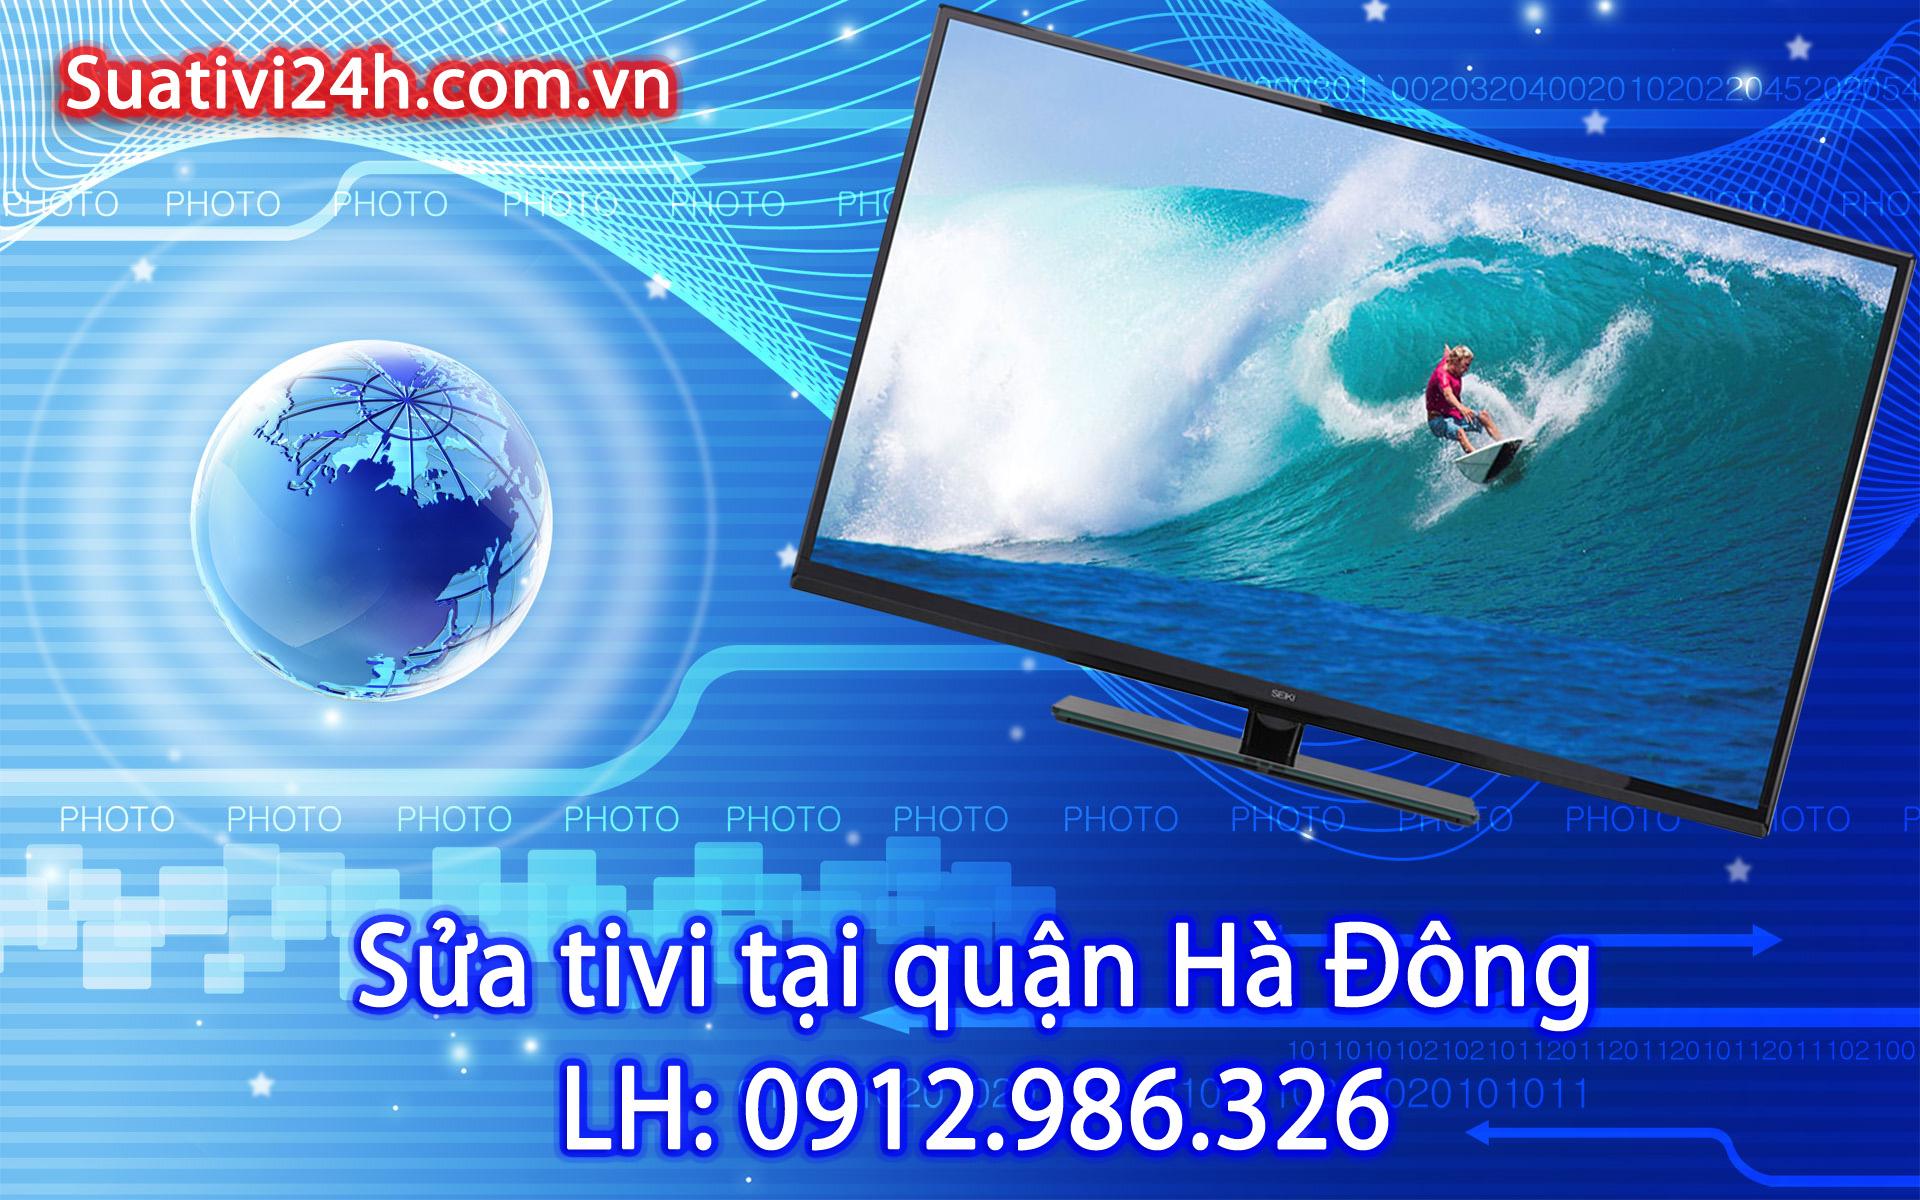 Sửa tivi tại nhà khu vực quận Hà Đông